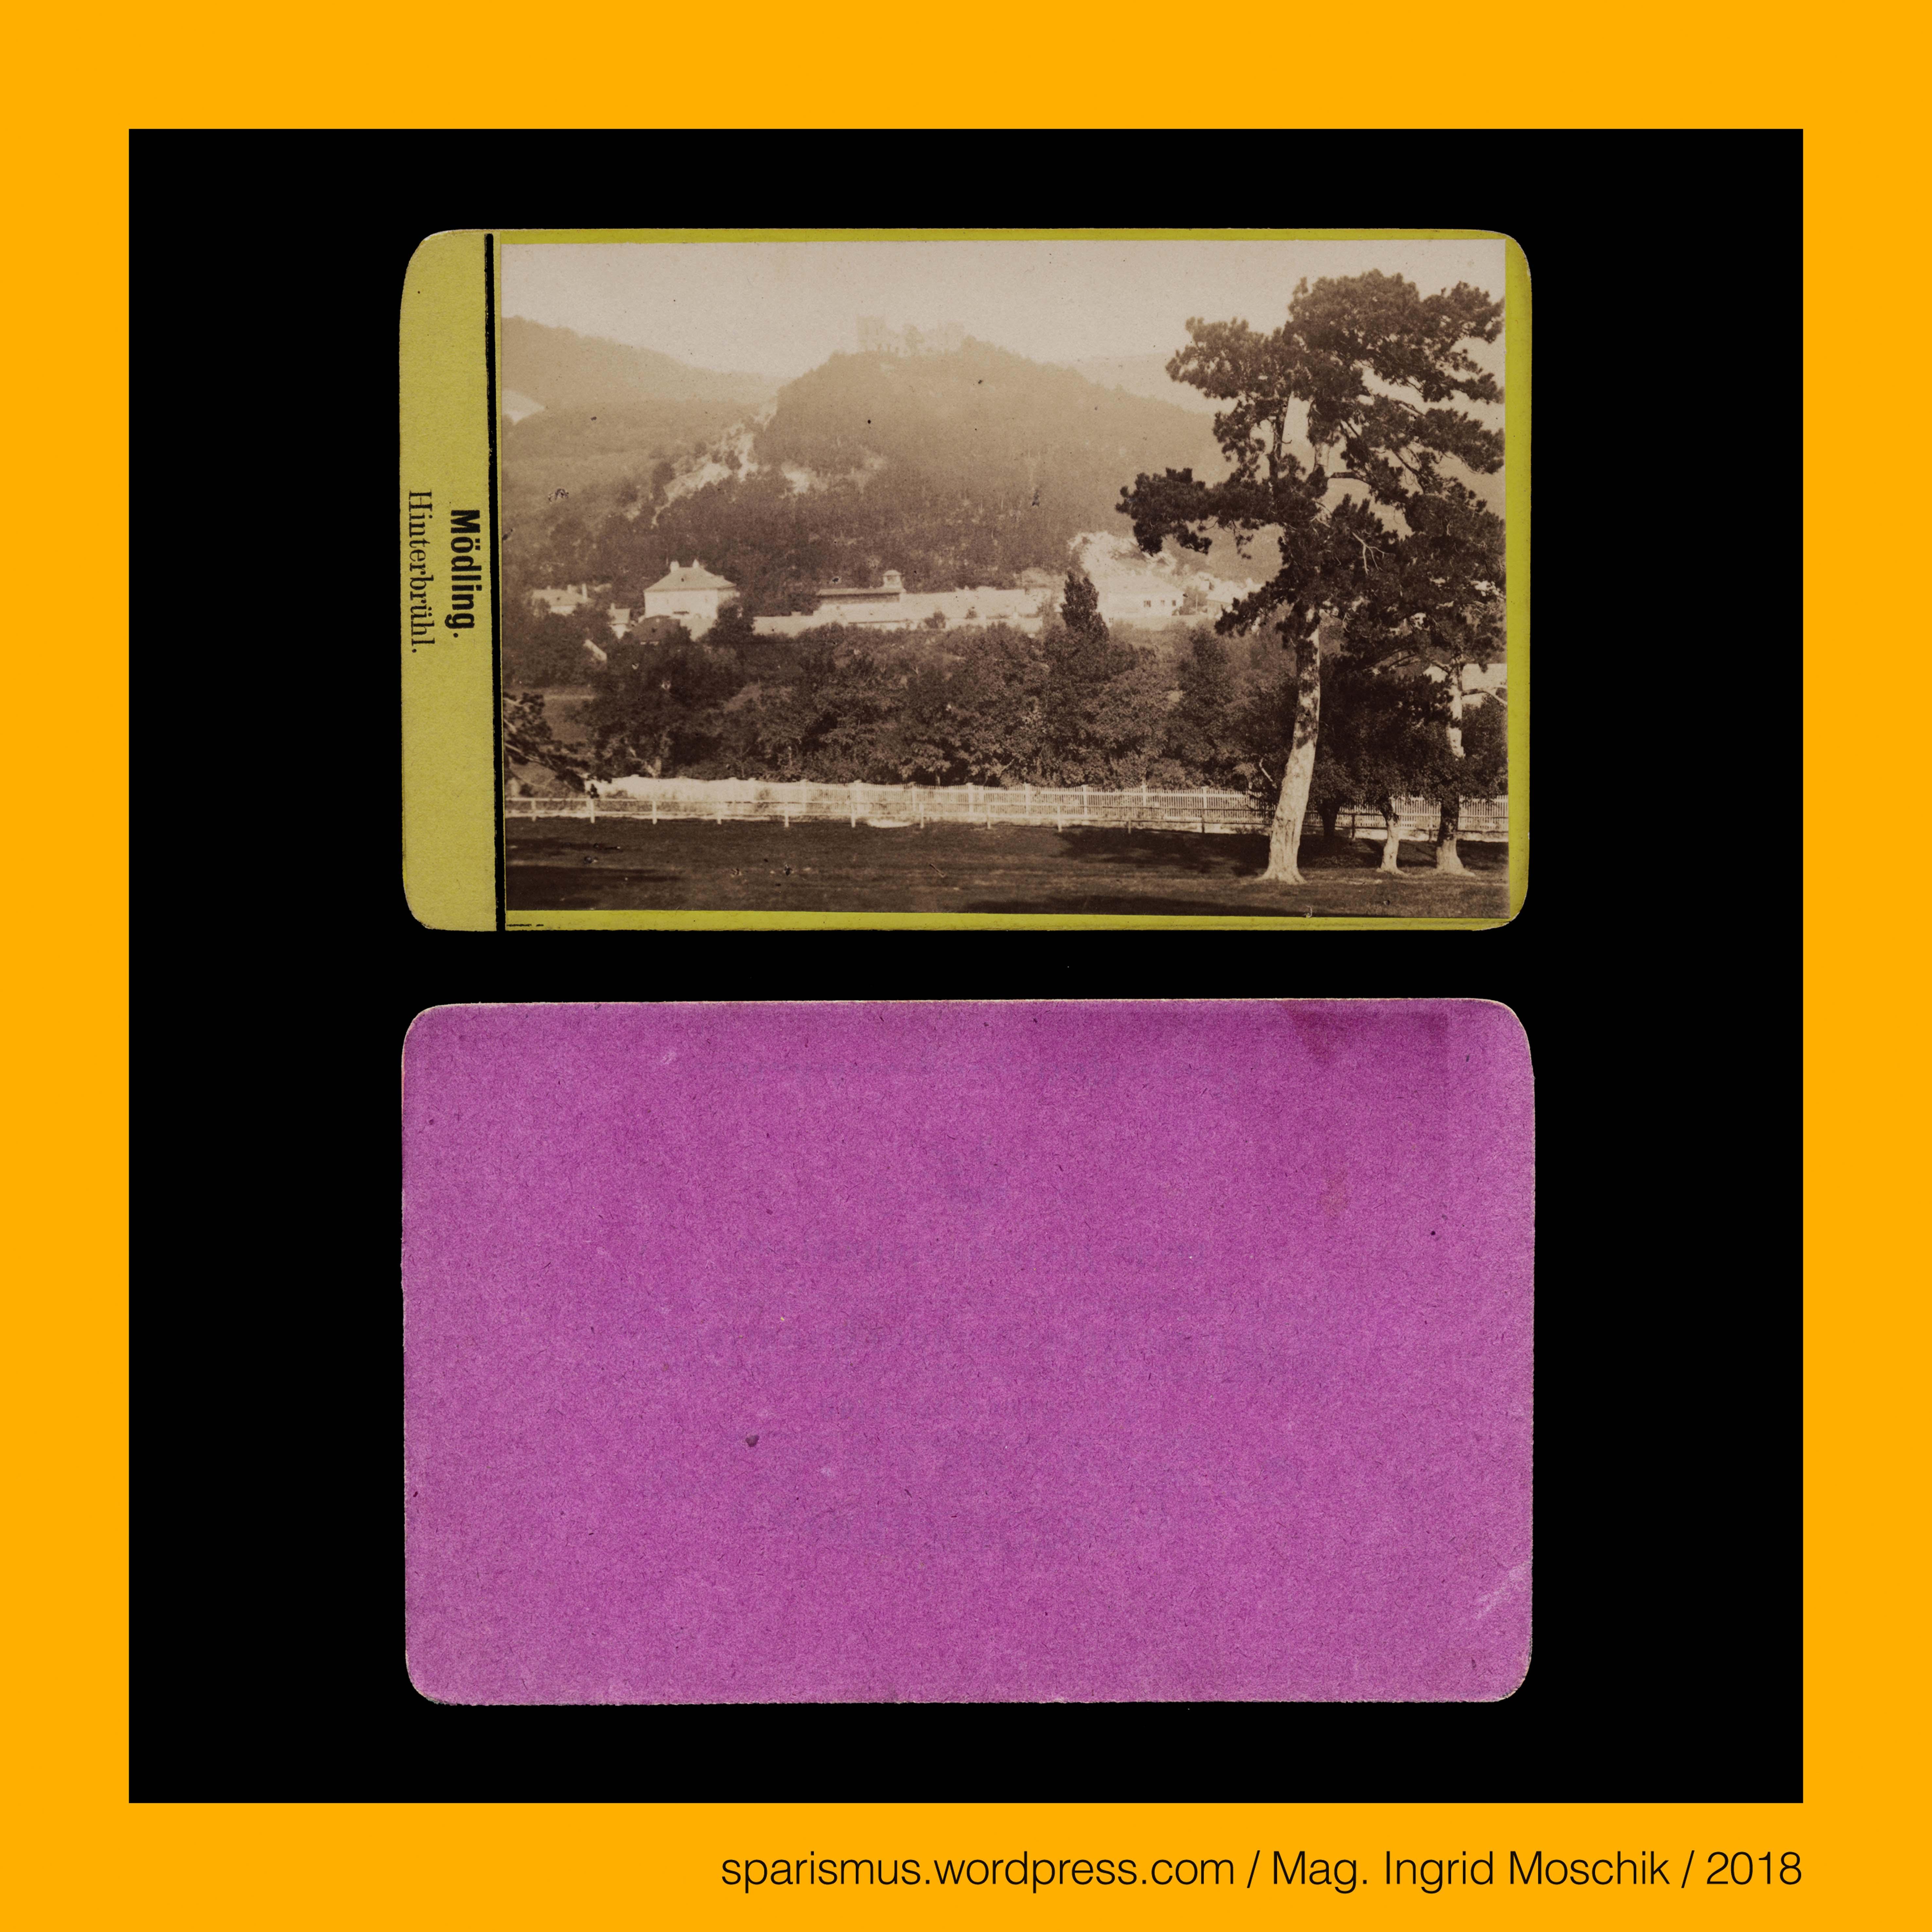 weingartshofer in moedling circa 1880 hinterbruehl blick von foehrenberge zur burgruine moedling